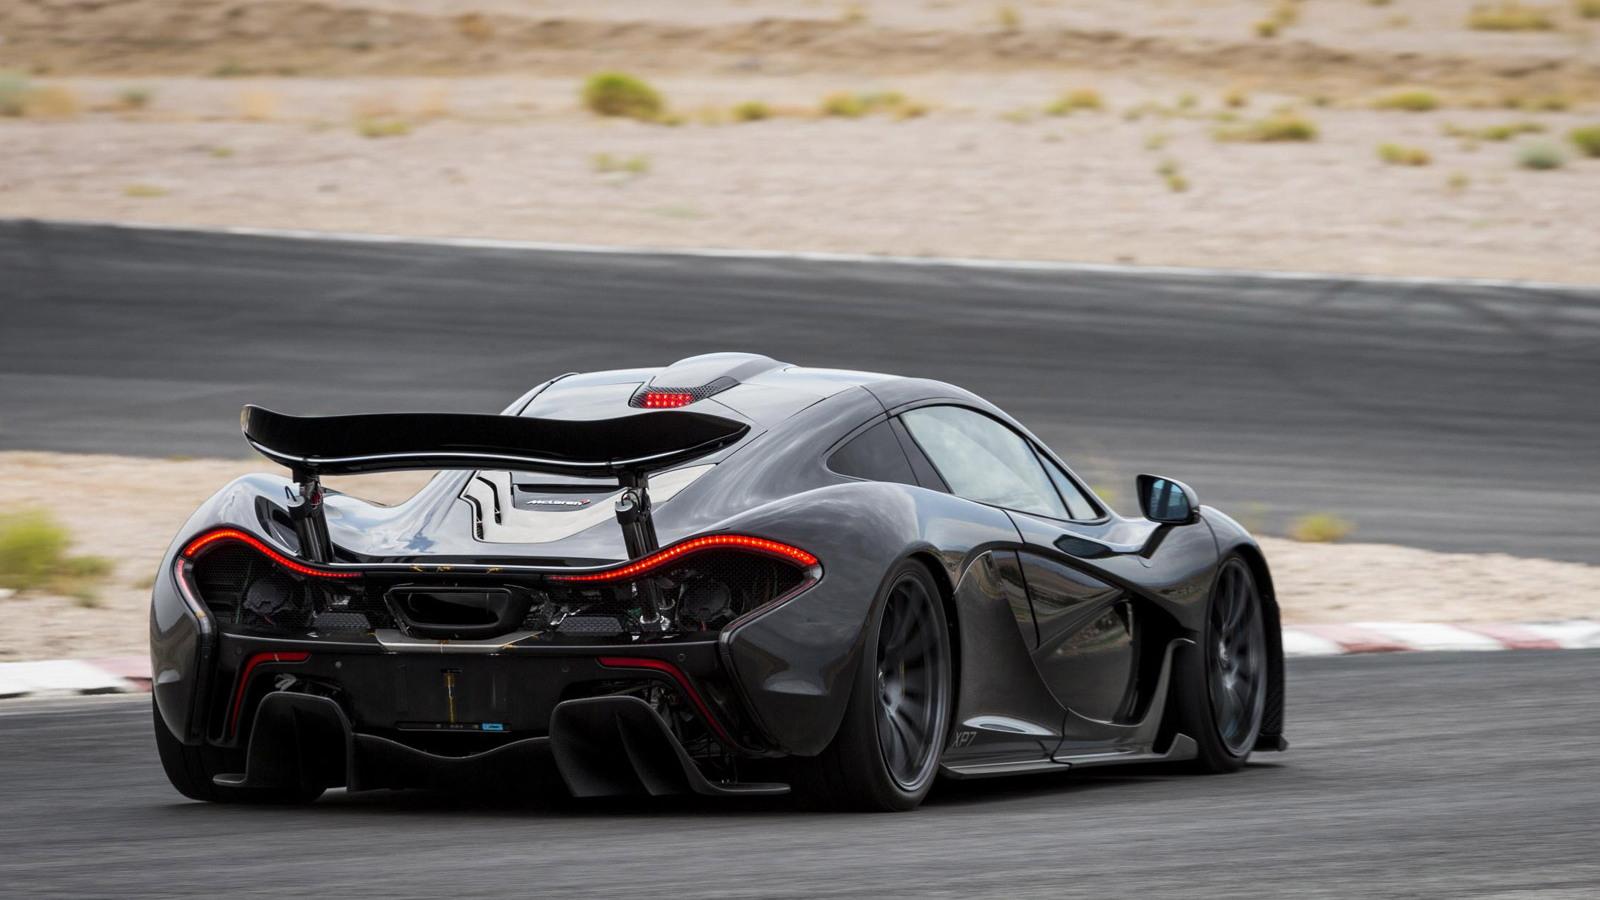 McLaren P1 prototype hot-weather testing